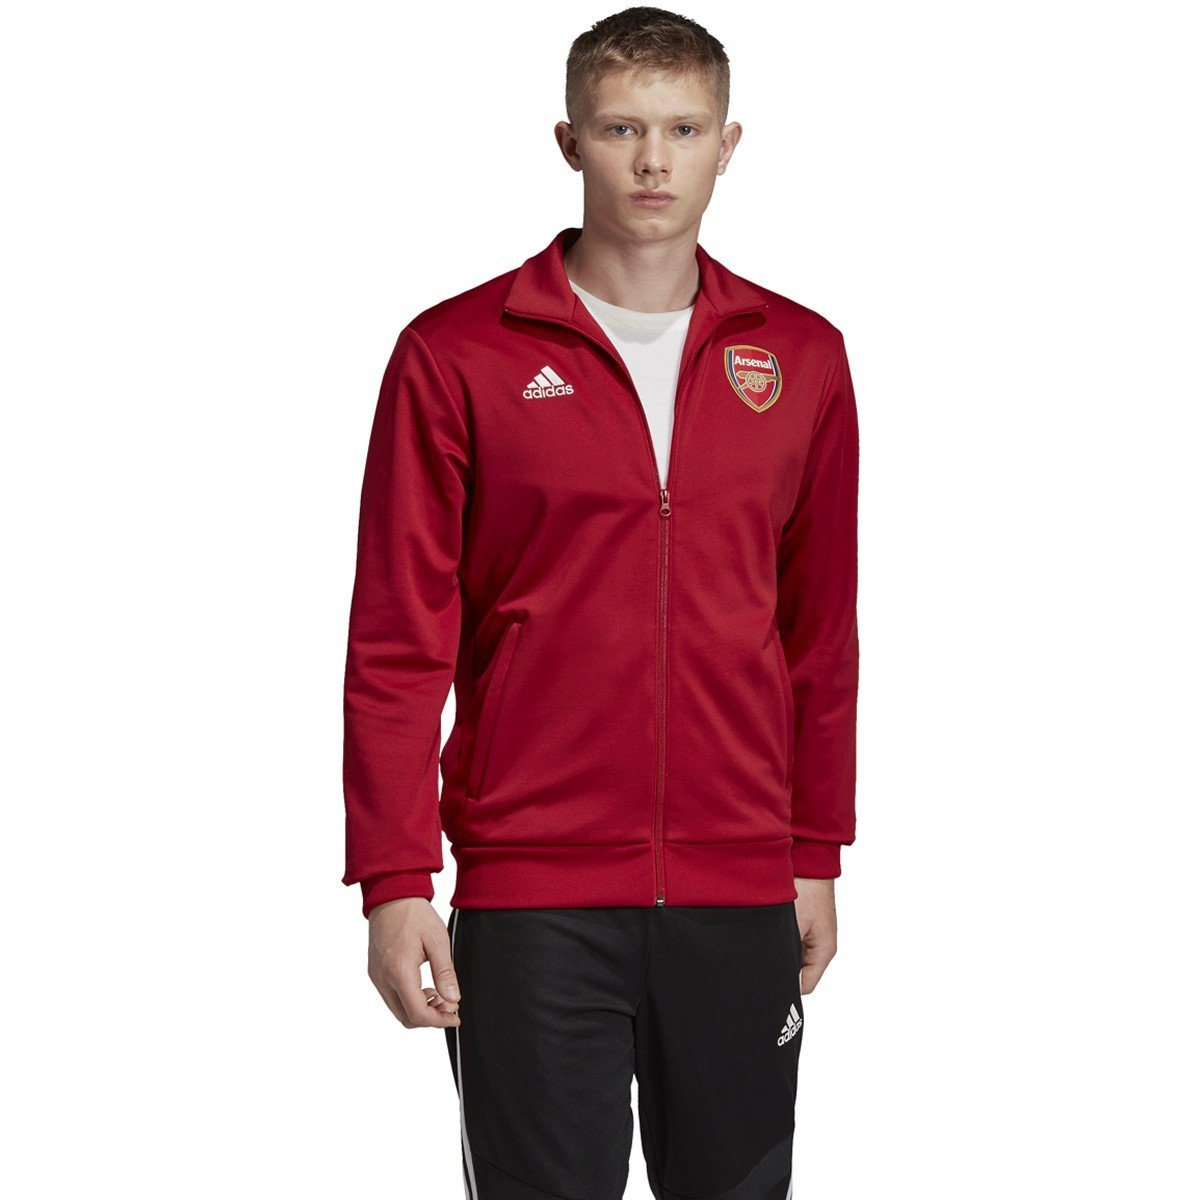 sueño Sentirse mal combinación  Adidas - adidas Men's 2019-2020 Arsenal 3 Stripe Track Jacket | EH5623 -  Walmart.com - Walmart.com